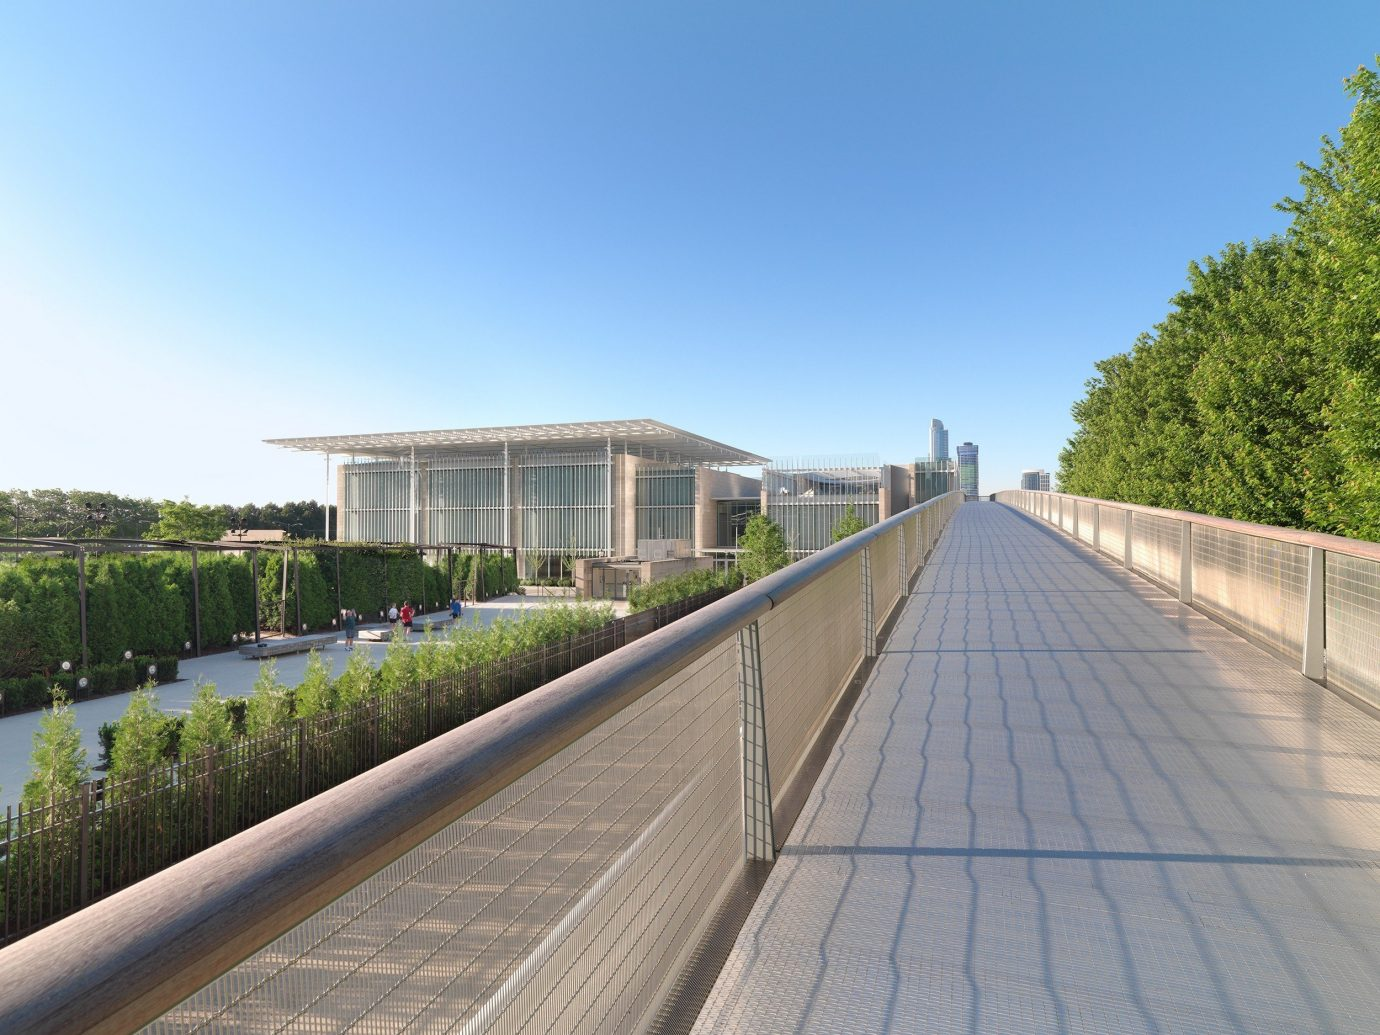 Summer Series sky outdoor walkway scene way boardwalk estate road waterway real estate traveling highway